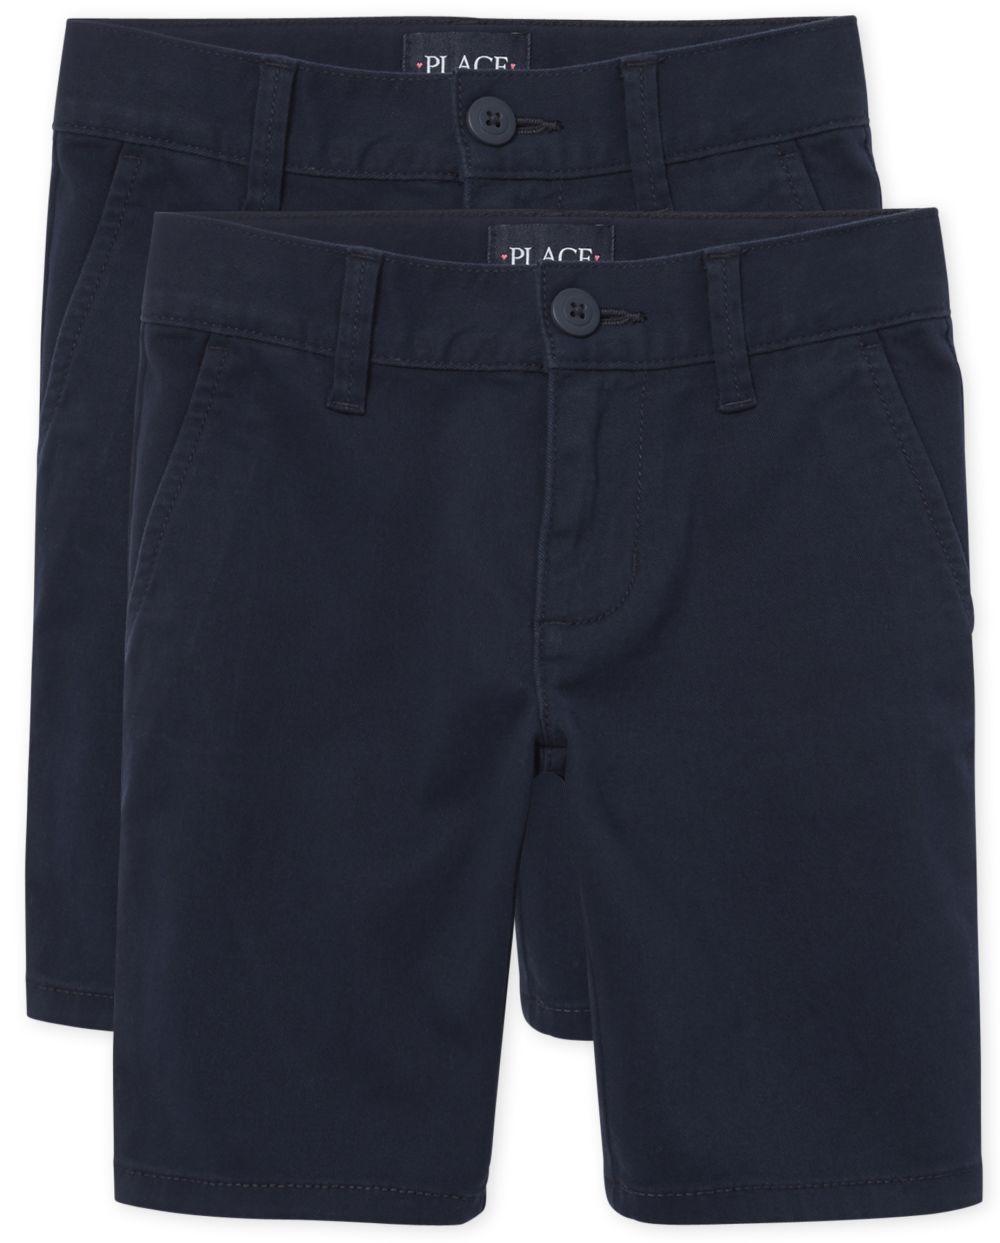 Girls Uniform Chino Shorts 2-Pack